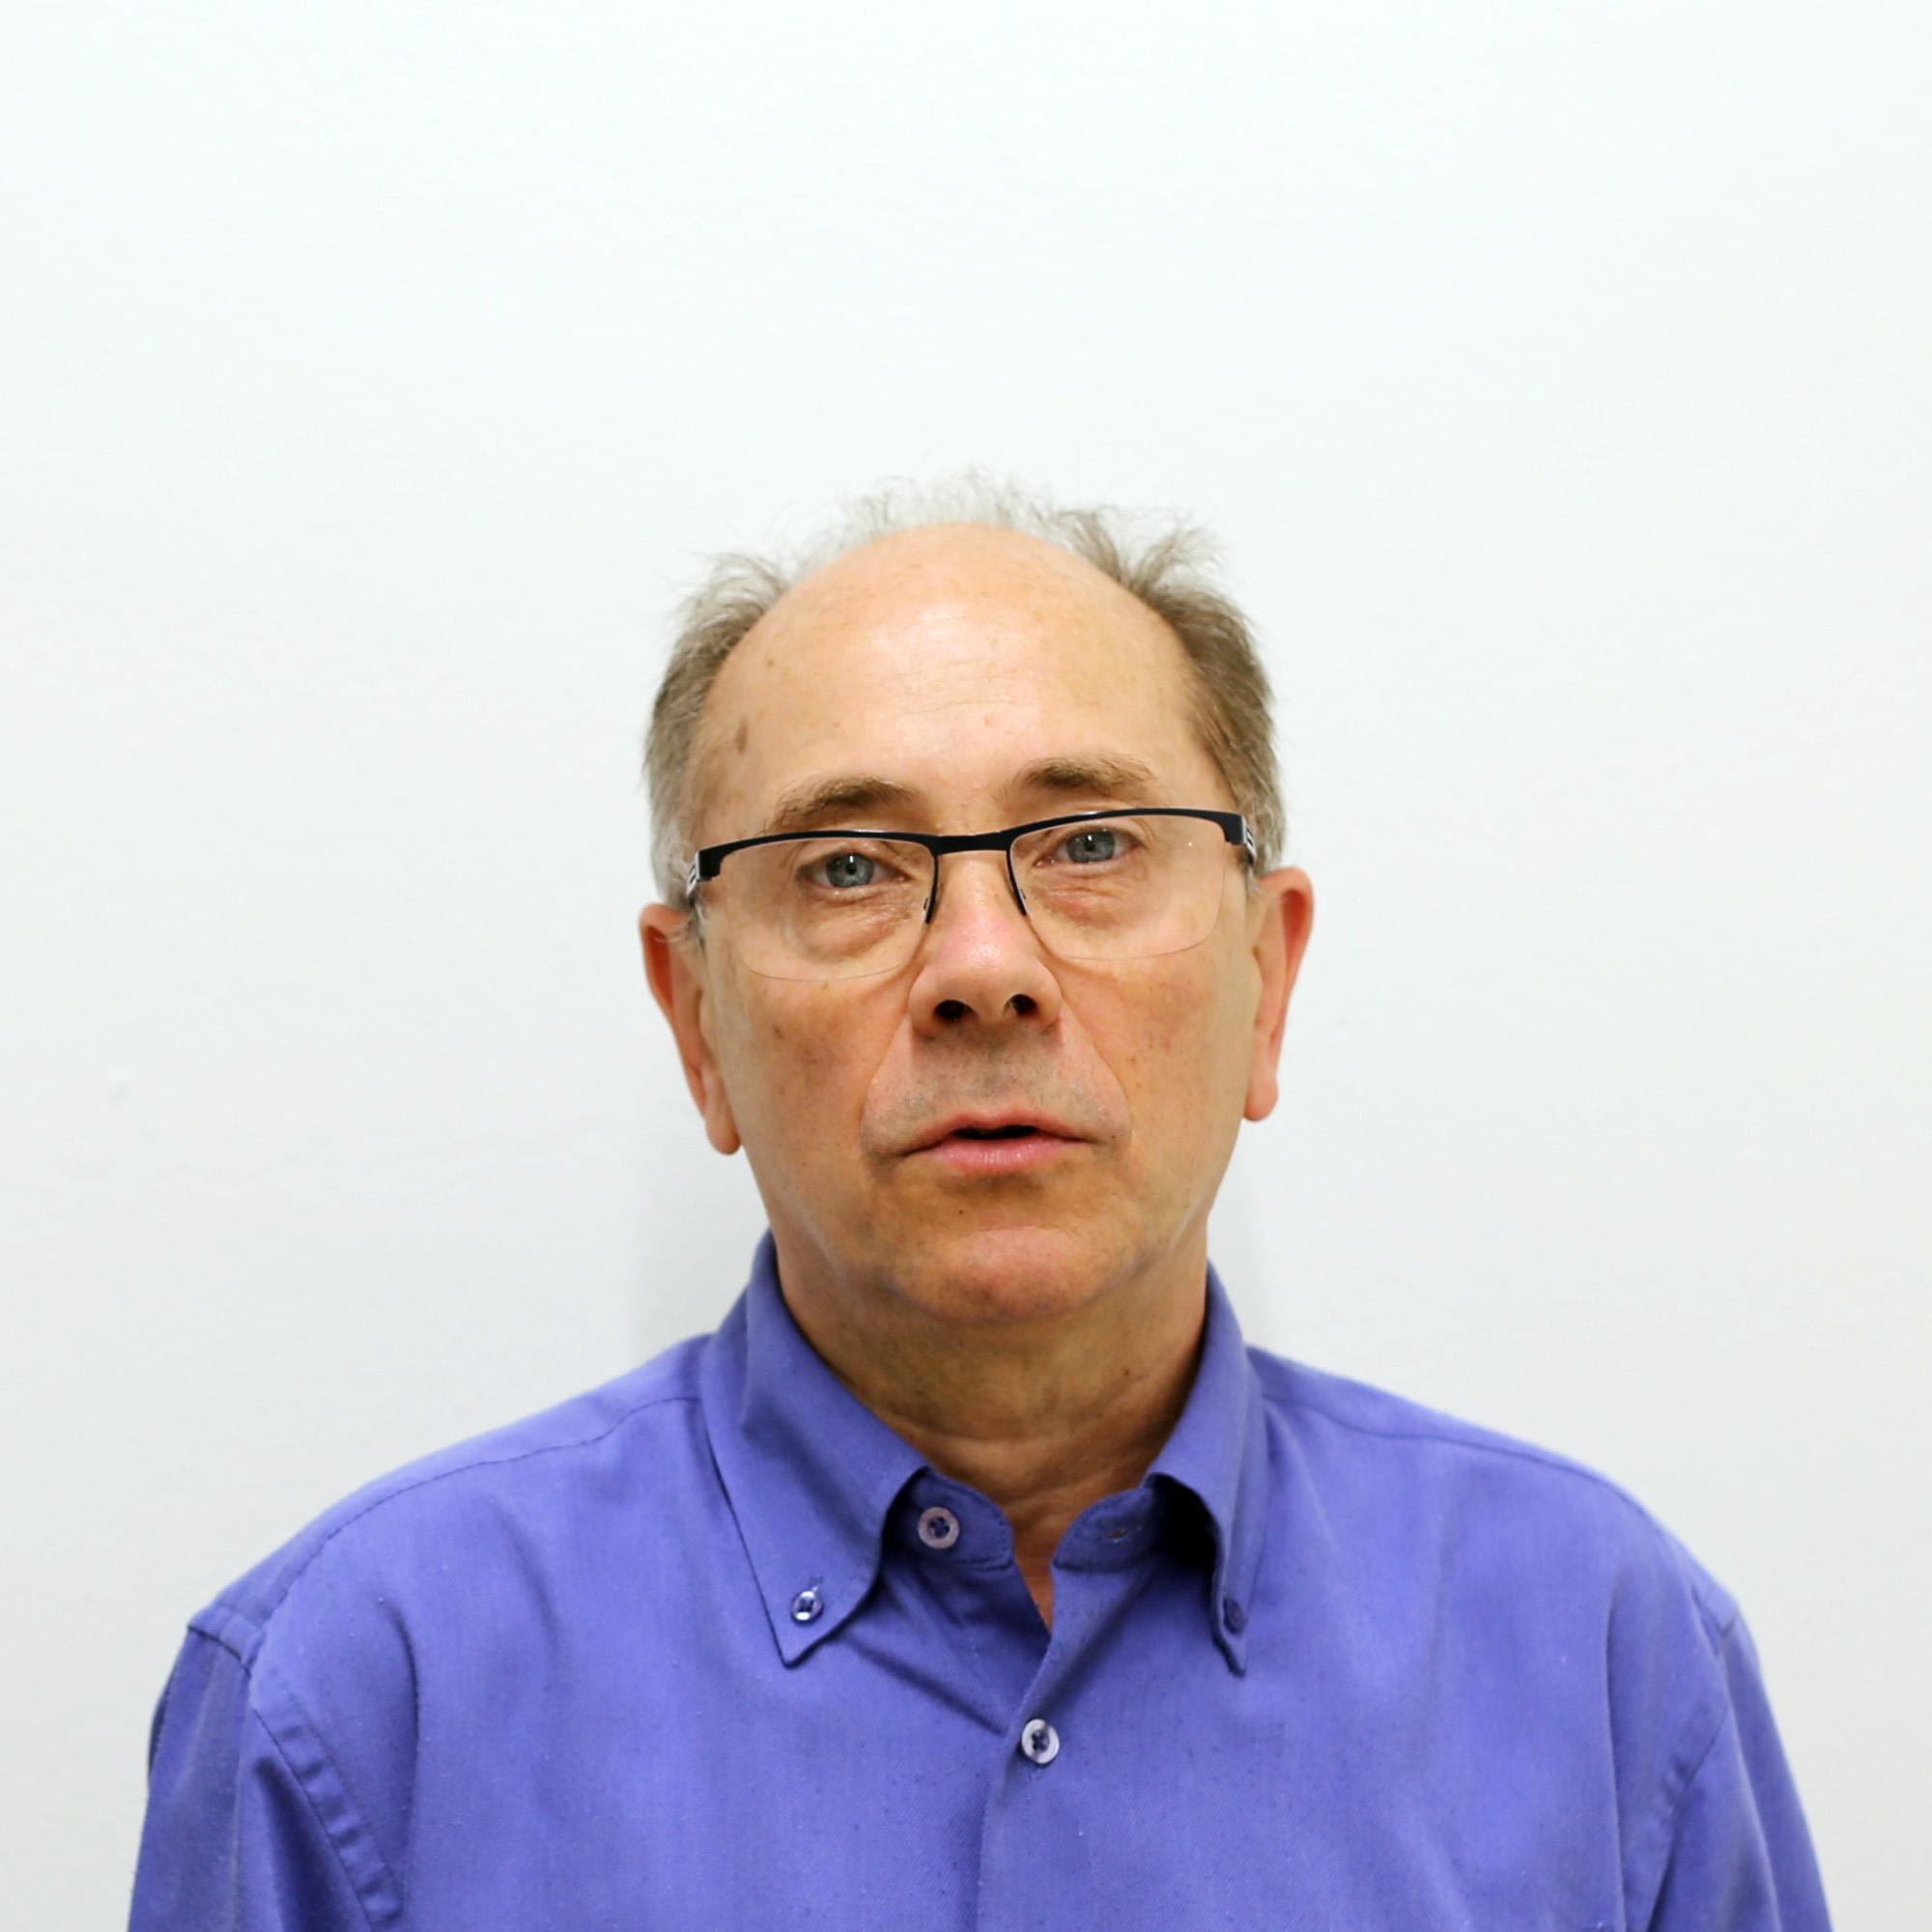 Miquel Compte Martínez